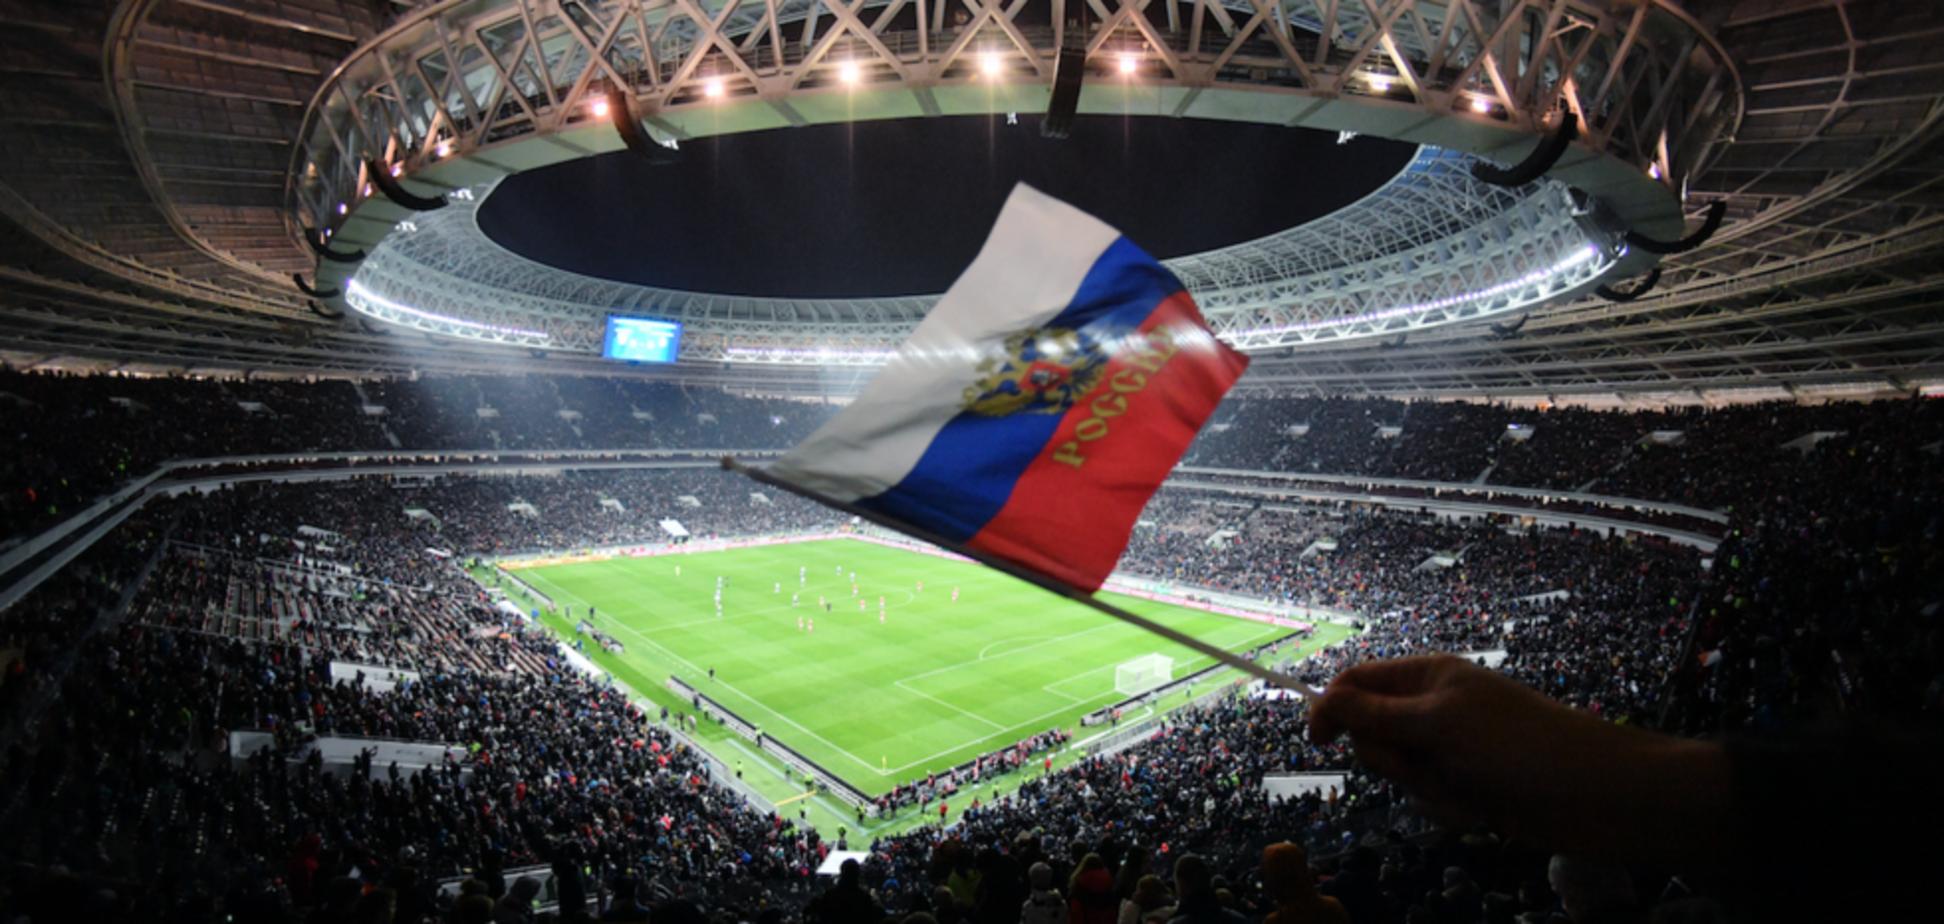 ЧС-2018: Фейгін визнав перемогу Москви над світом